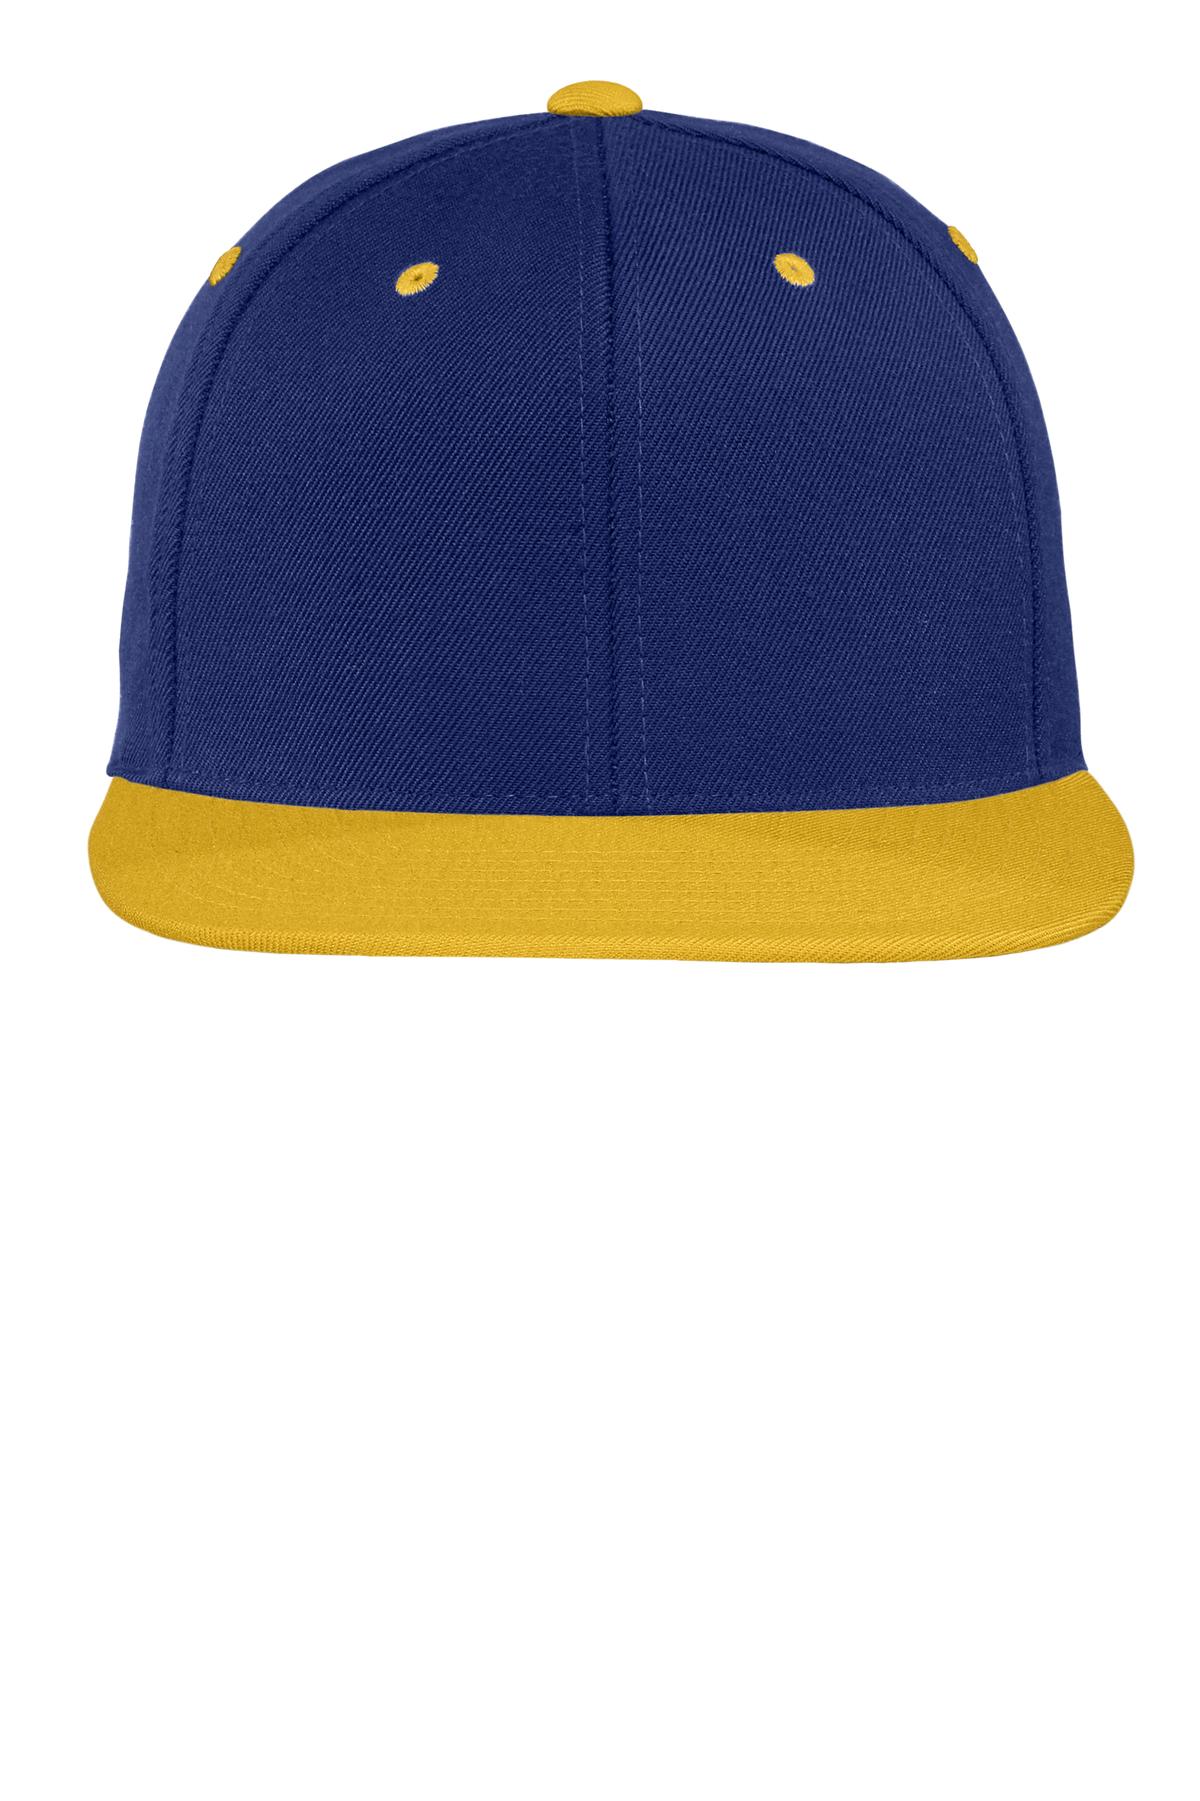 fb374dc0d68f98 Sport-Tek® YuPoong Flat Bill Snapback Cap | Performance/Team | Caps |  Company Casuals